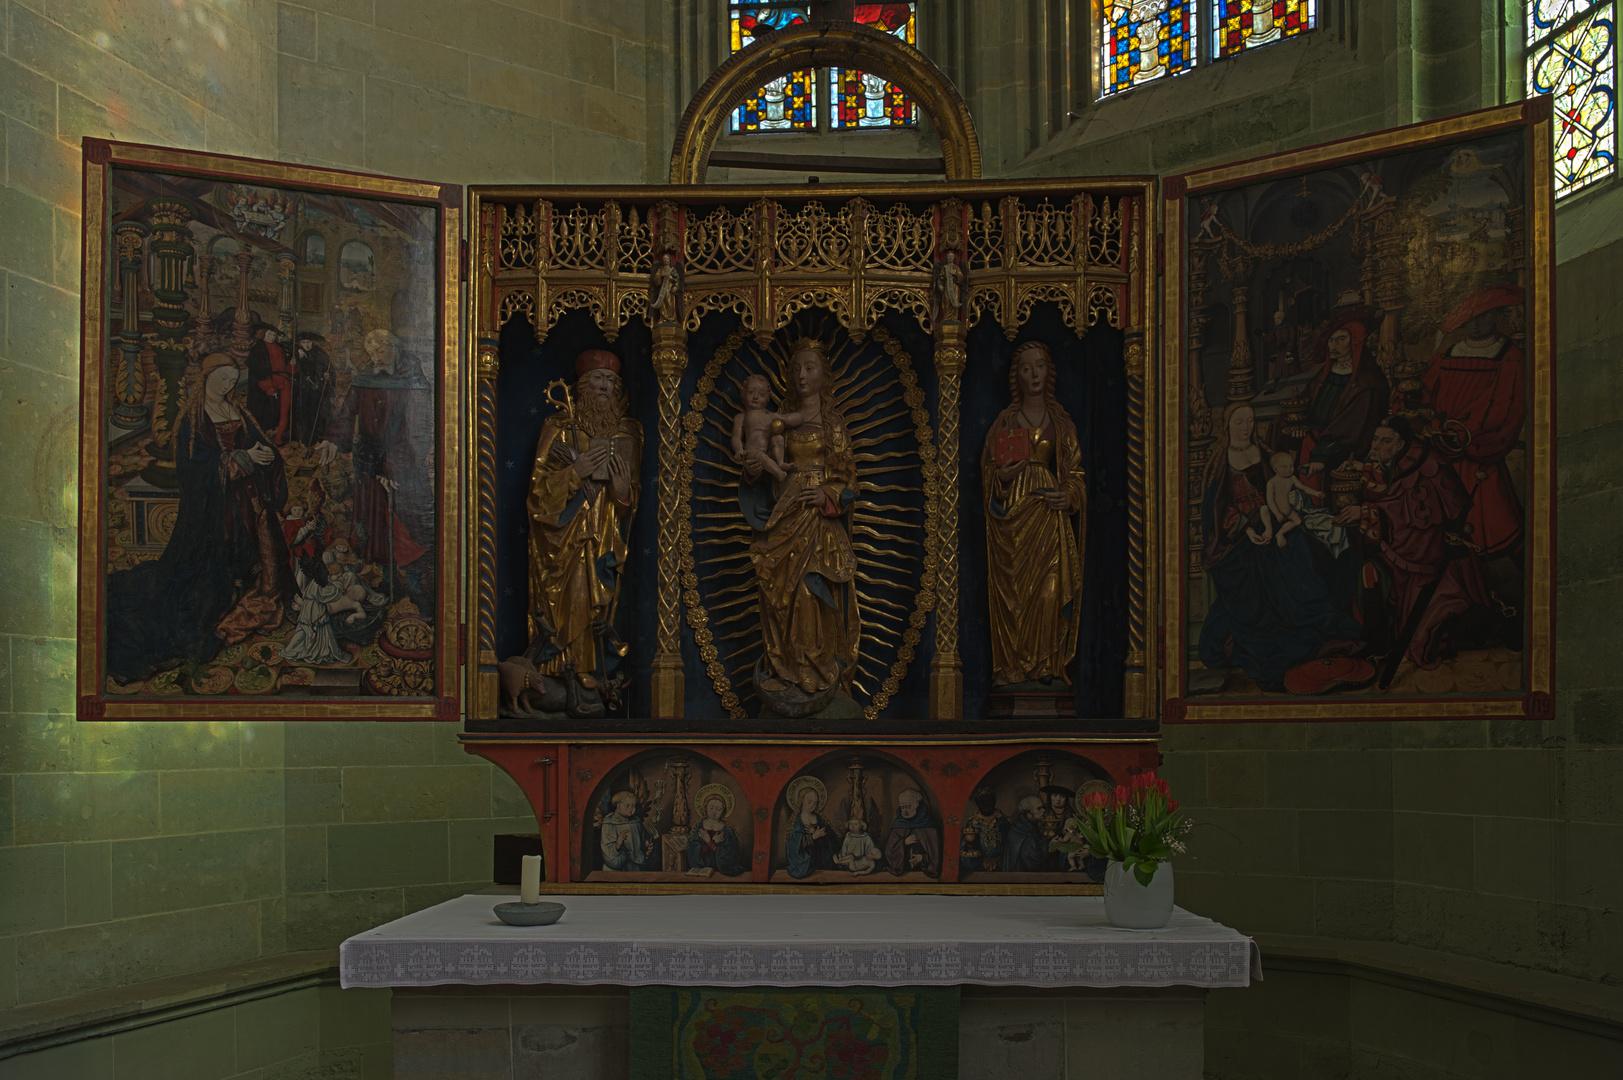 Der Aldegrever Altar in der Wiesenkirche in Soest